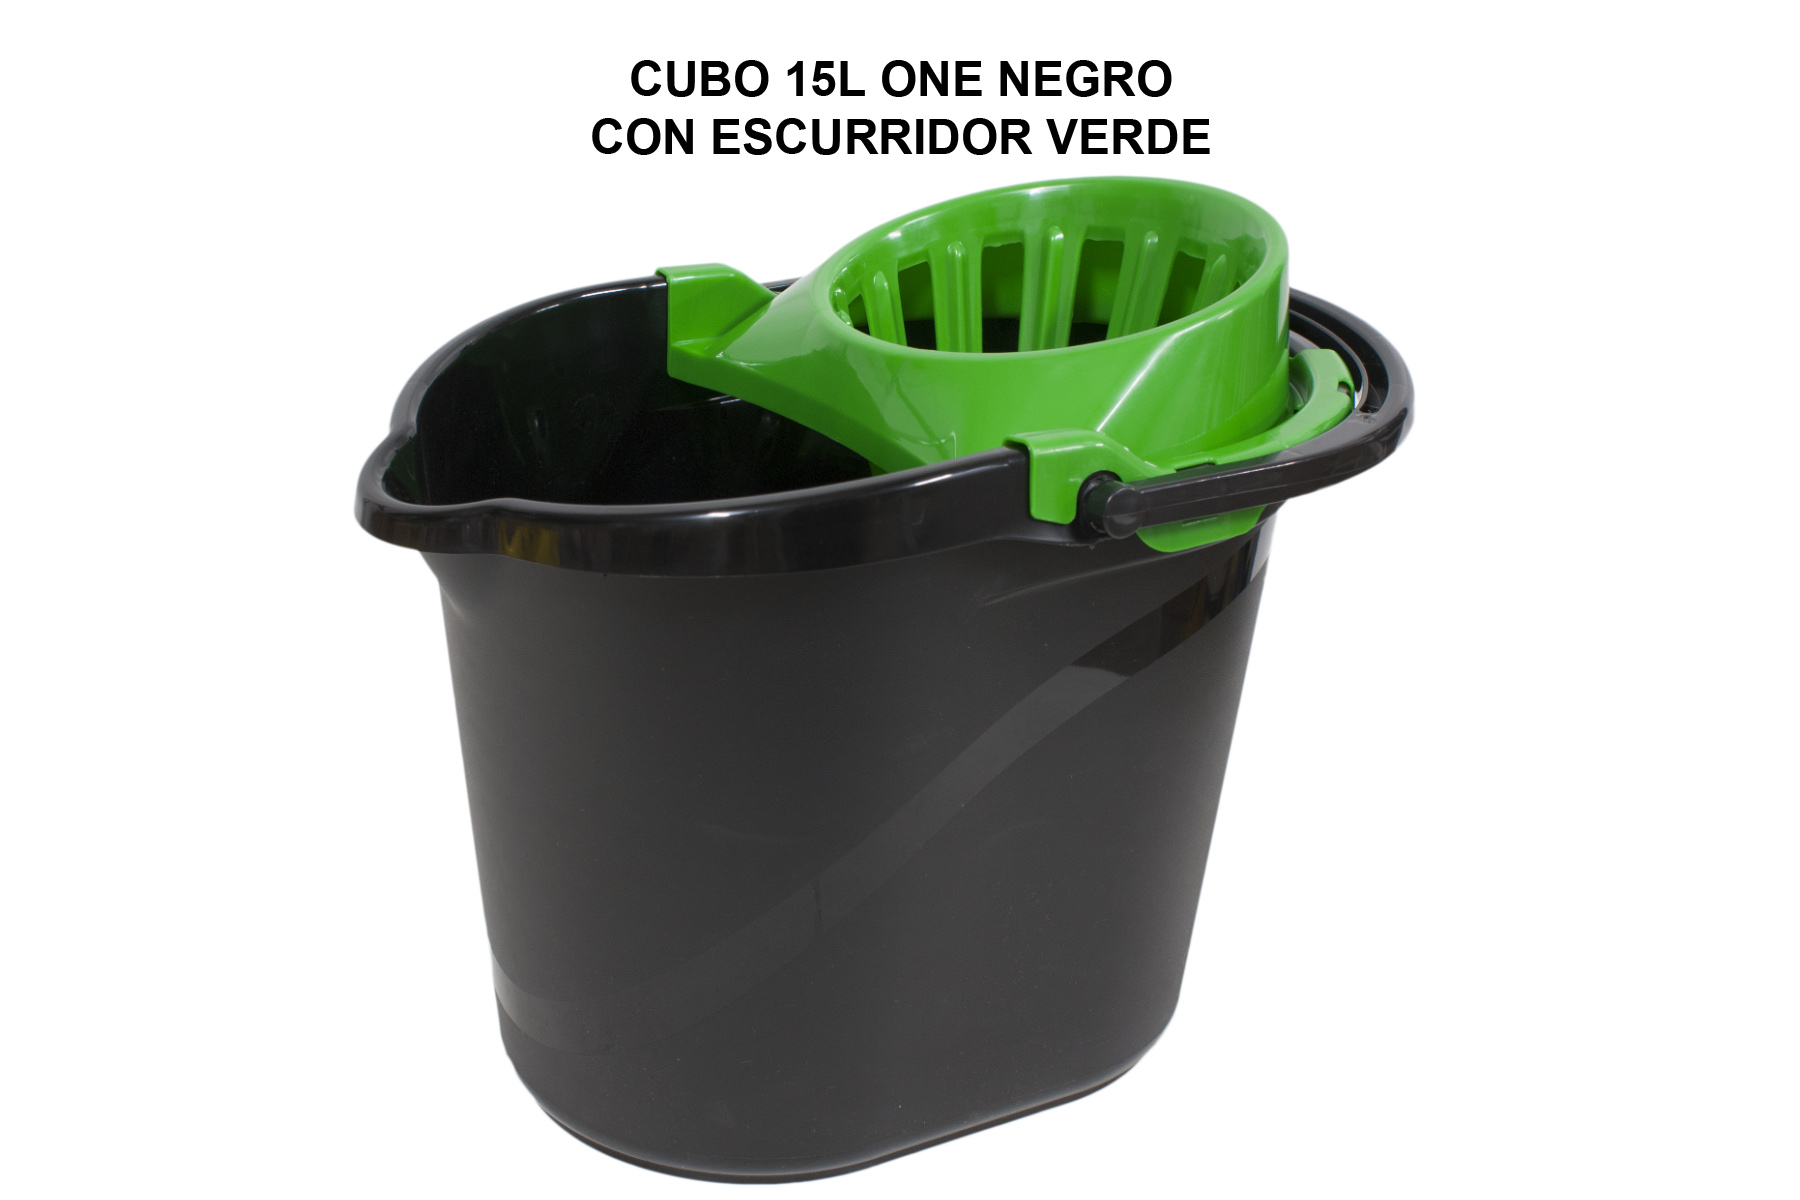 CUBO 15L ONE NEGRO CON ESCURRIDOR VERDE